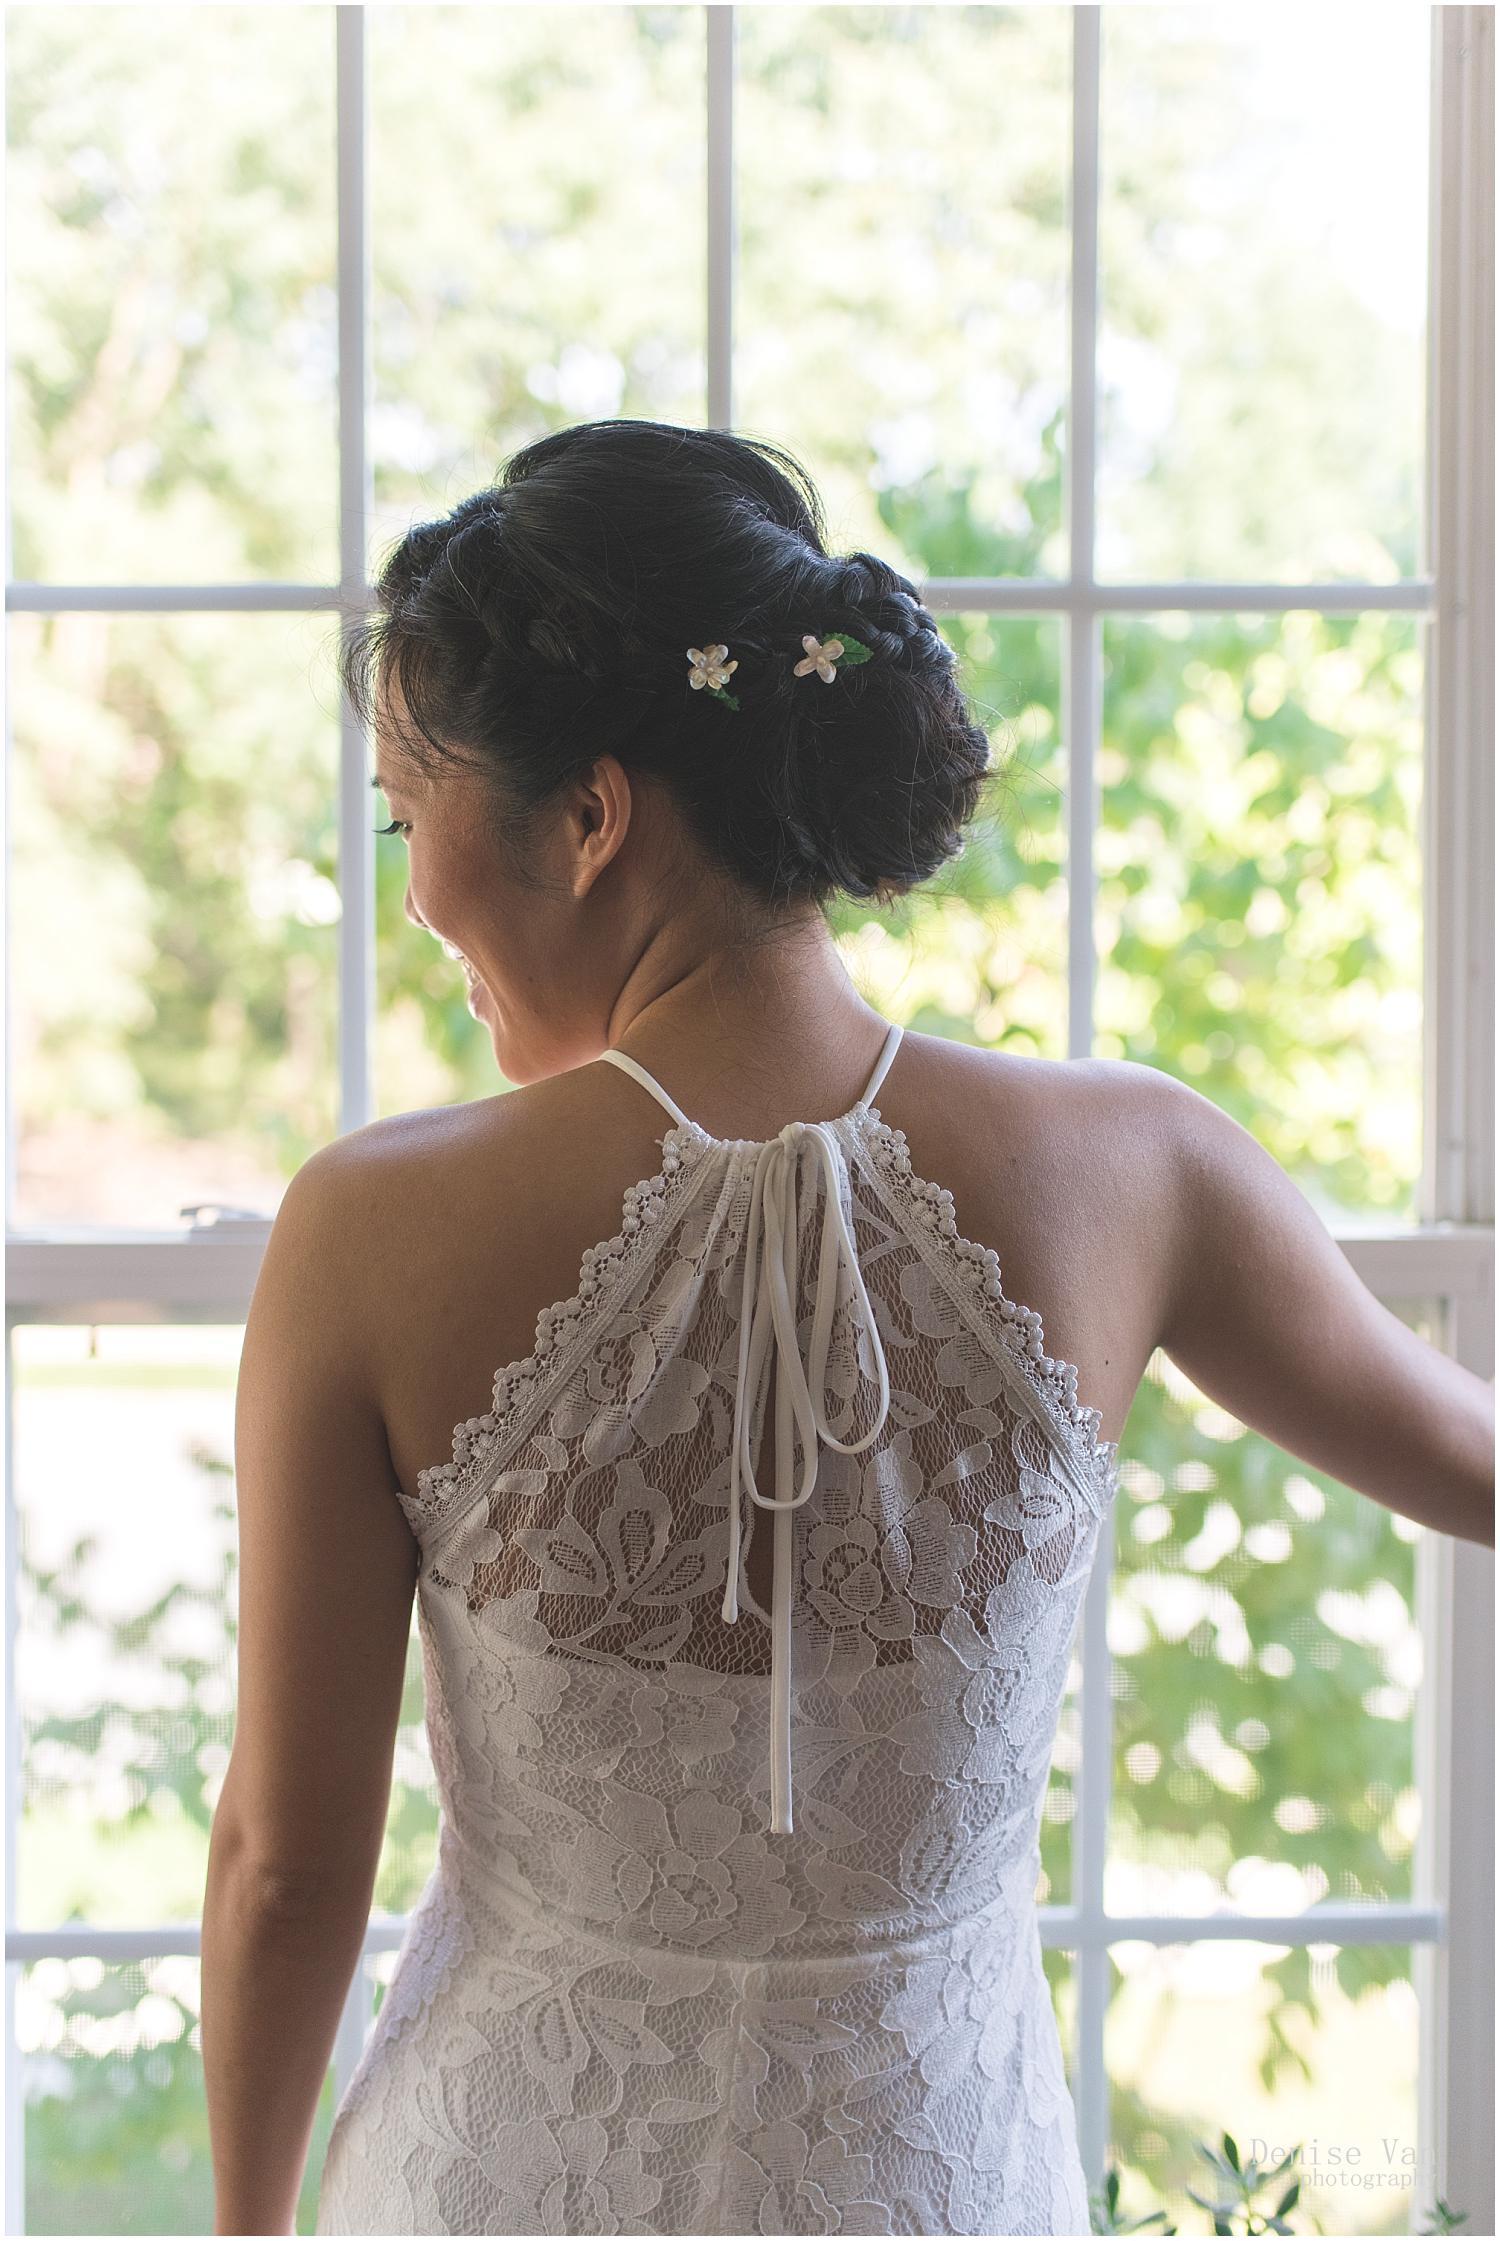 denise-van-linn-wedding-maryland_0021.jpg